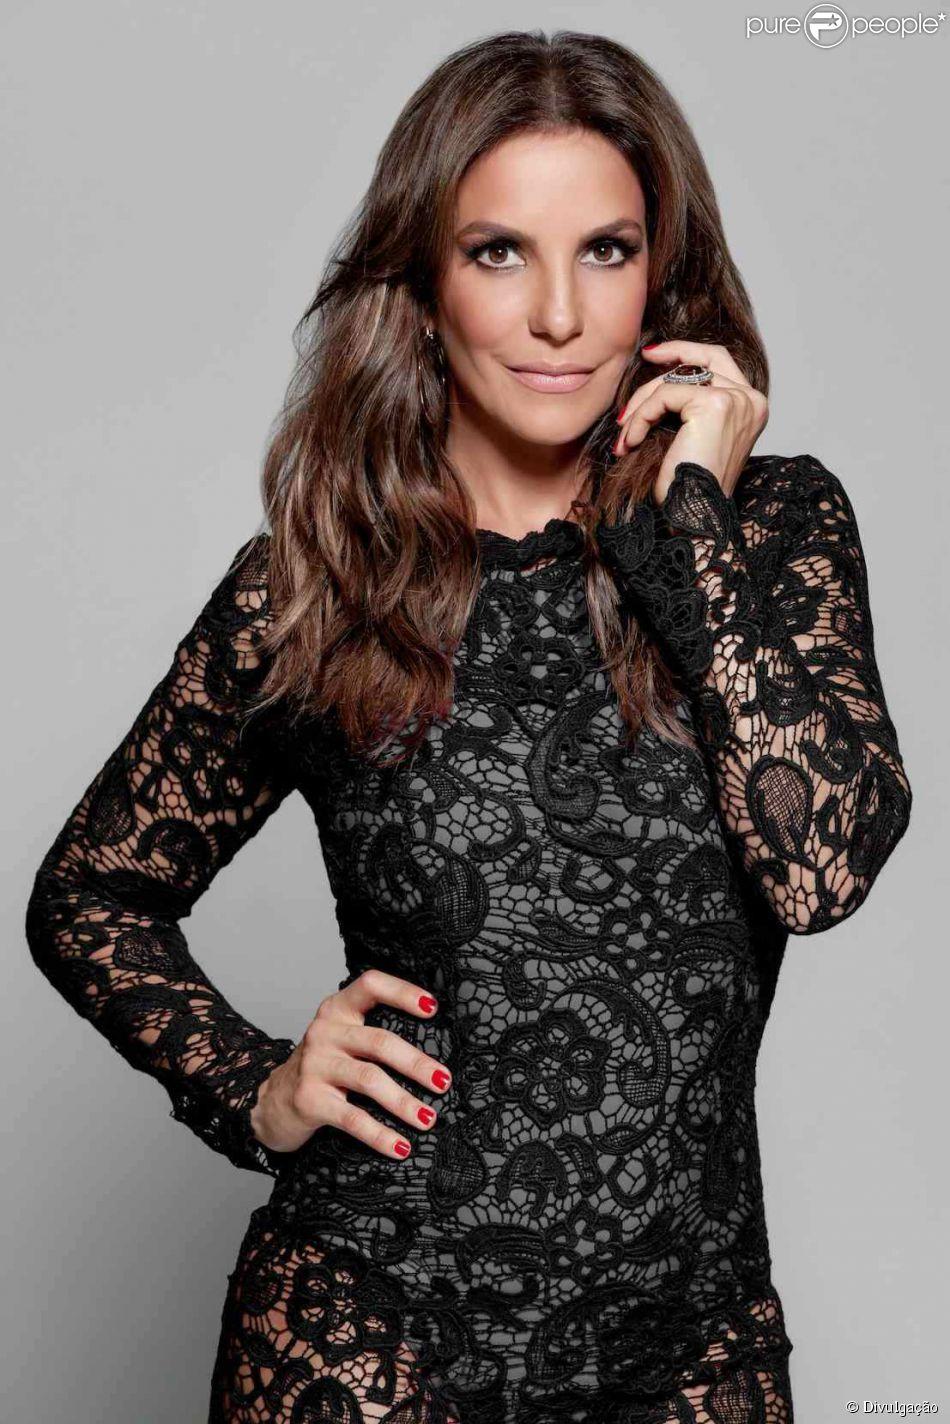 Está confirmado! Ivete Sangalo é a nova apresentadora do programa 'Superbonita', do GNT, que trata sobre os mais diversos assuntos sobre o universo feminino da beleza